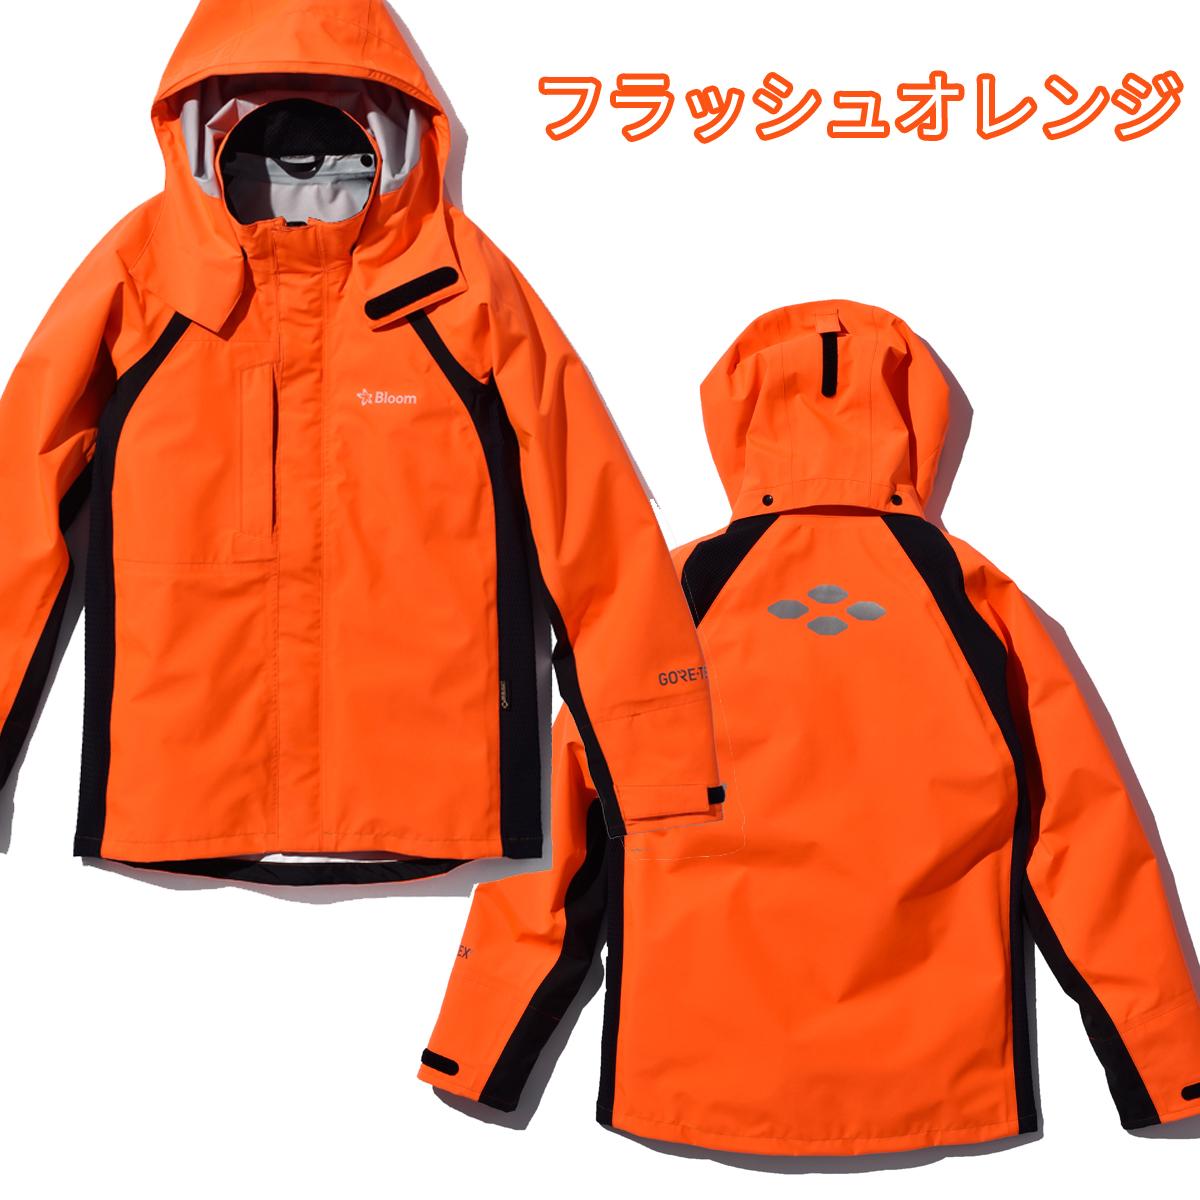 bloom ジャケット フラッシュオレンジ